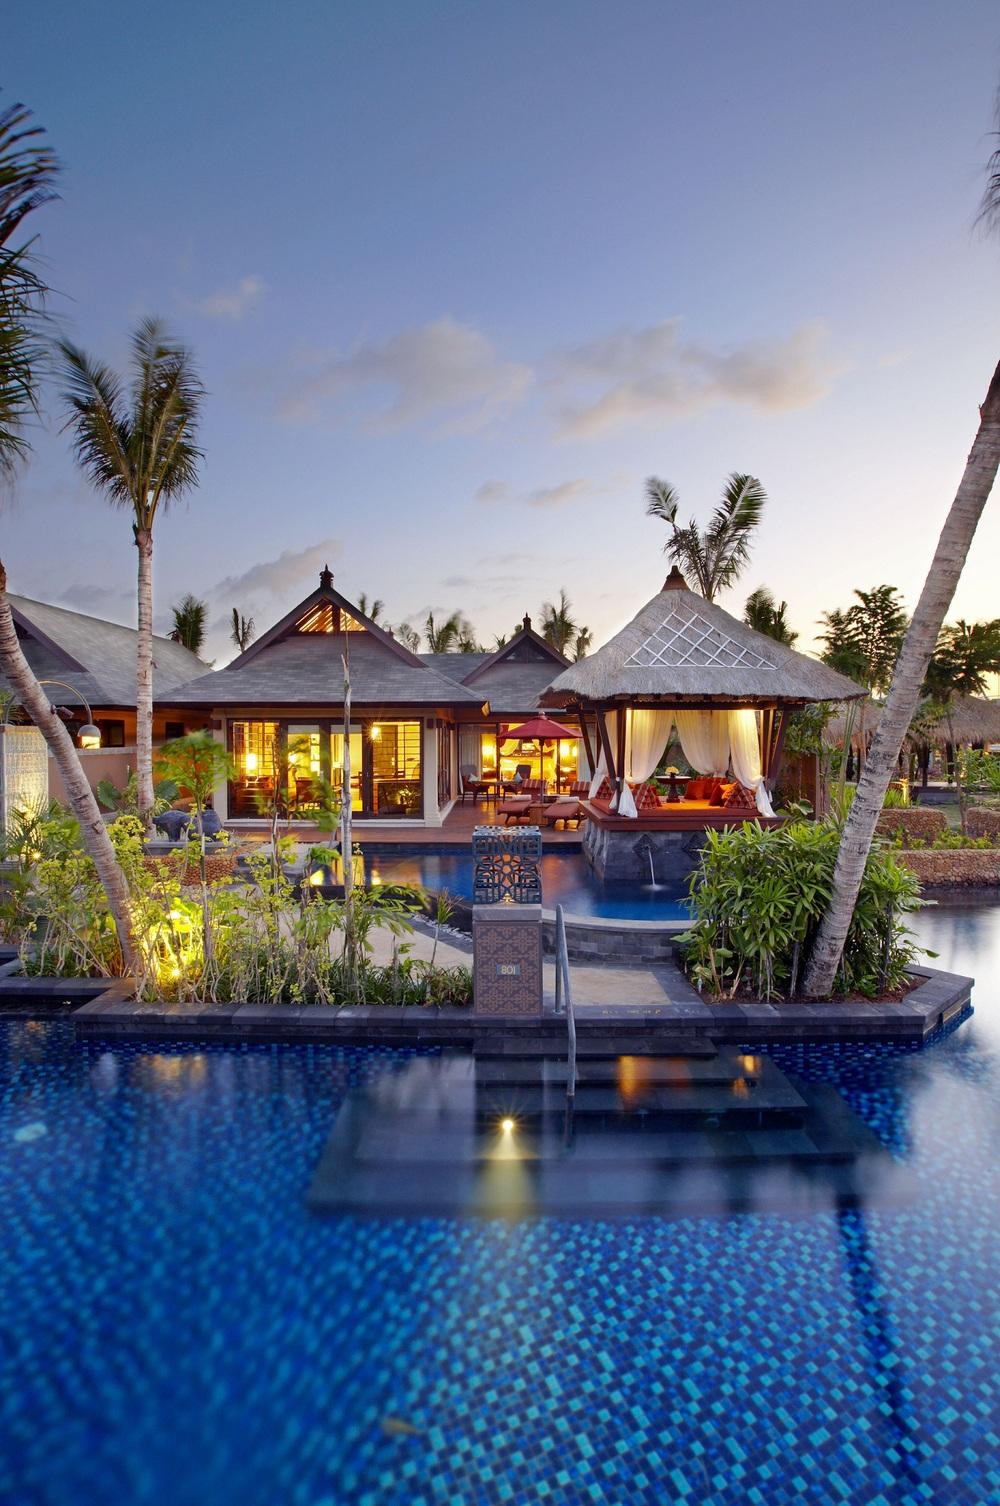 St_Regis_Bali_07.jpg